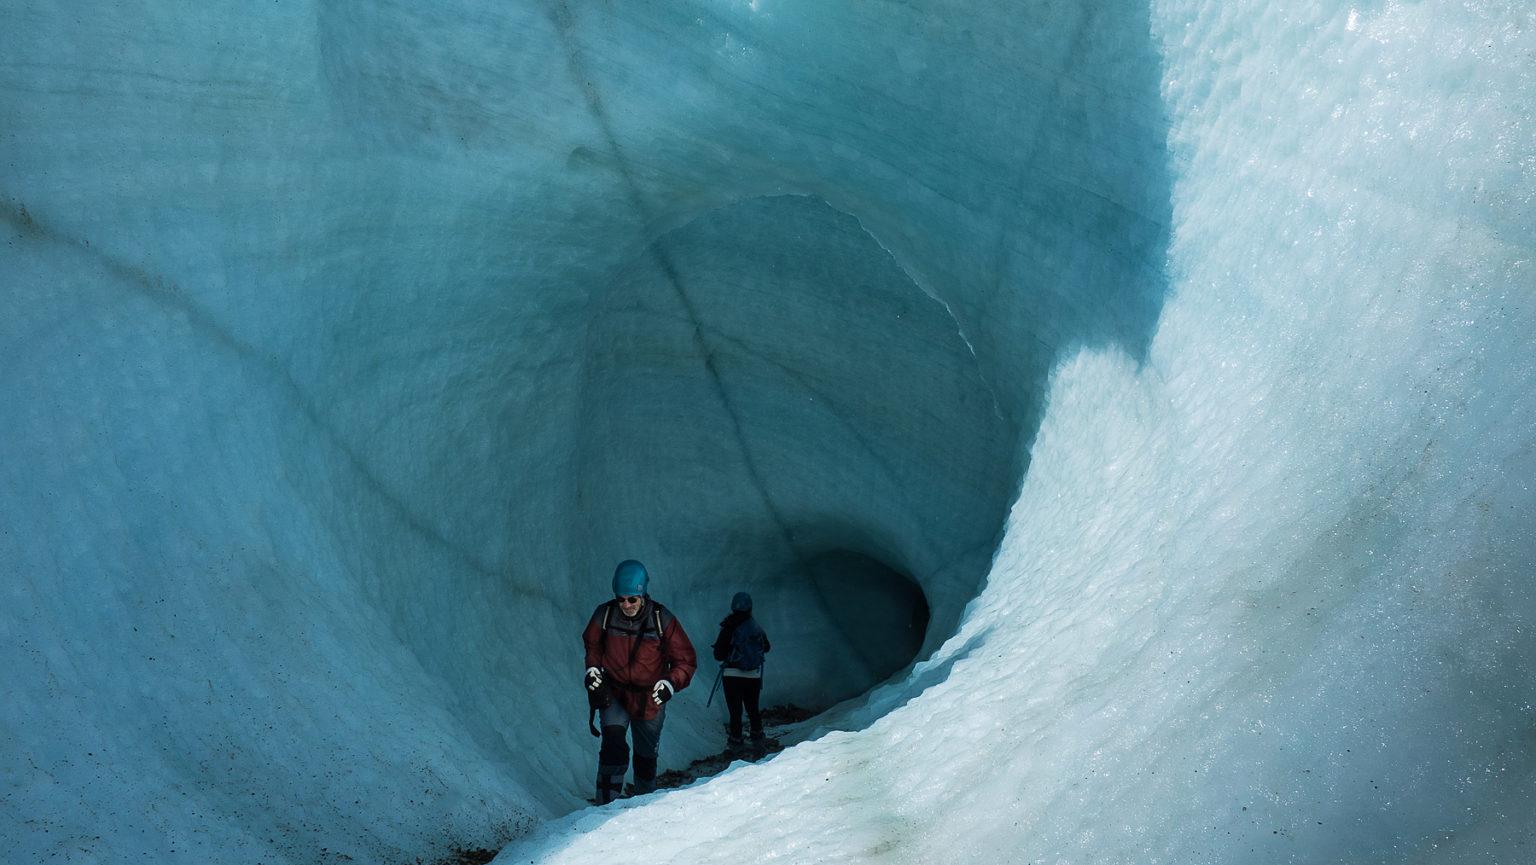 Tief hinein, ins Eis